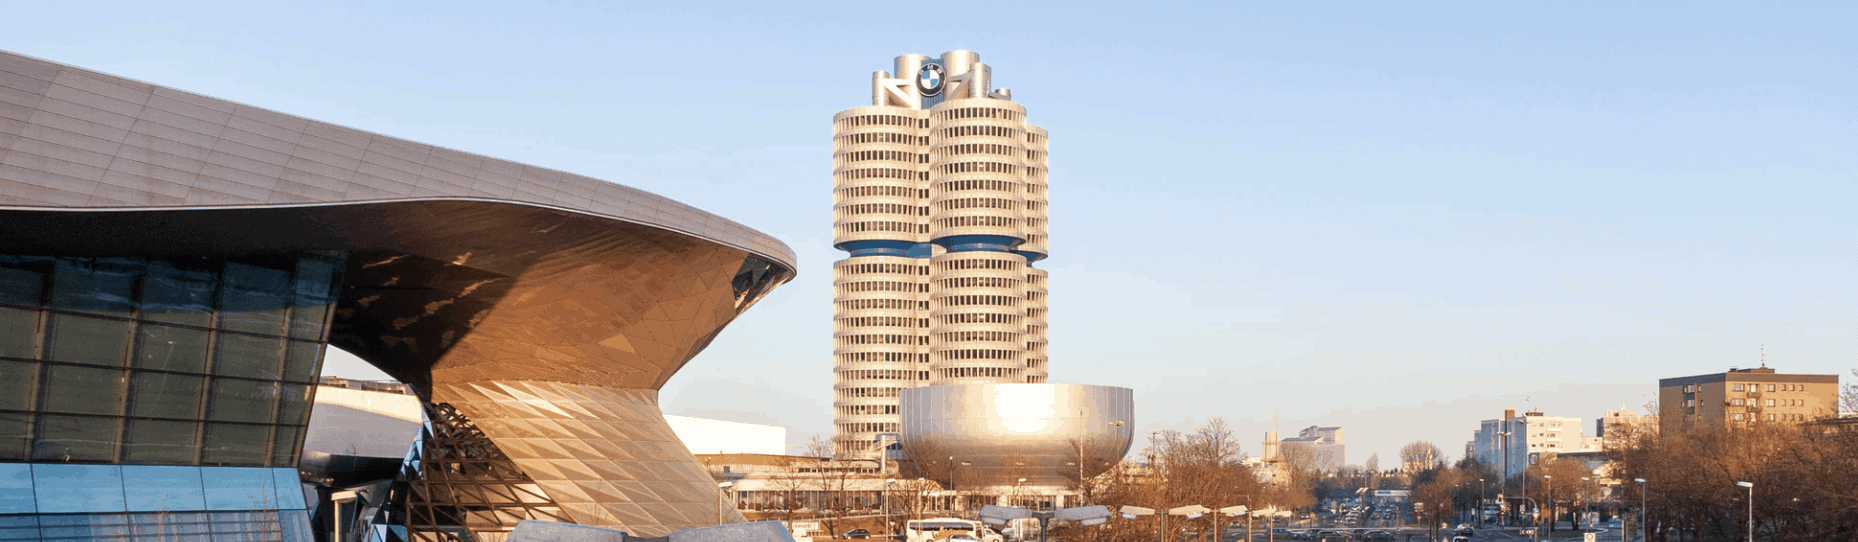 Datenbank Unternehmen München